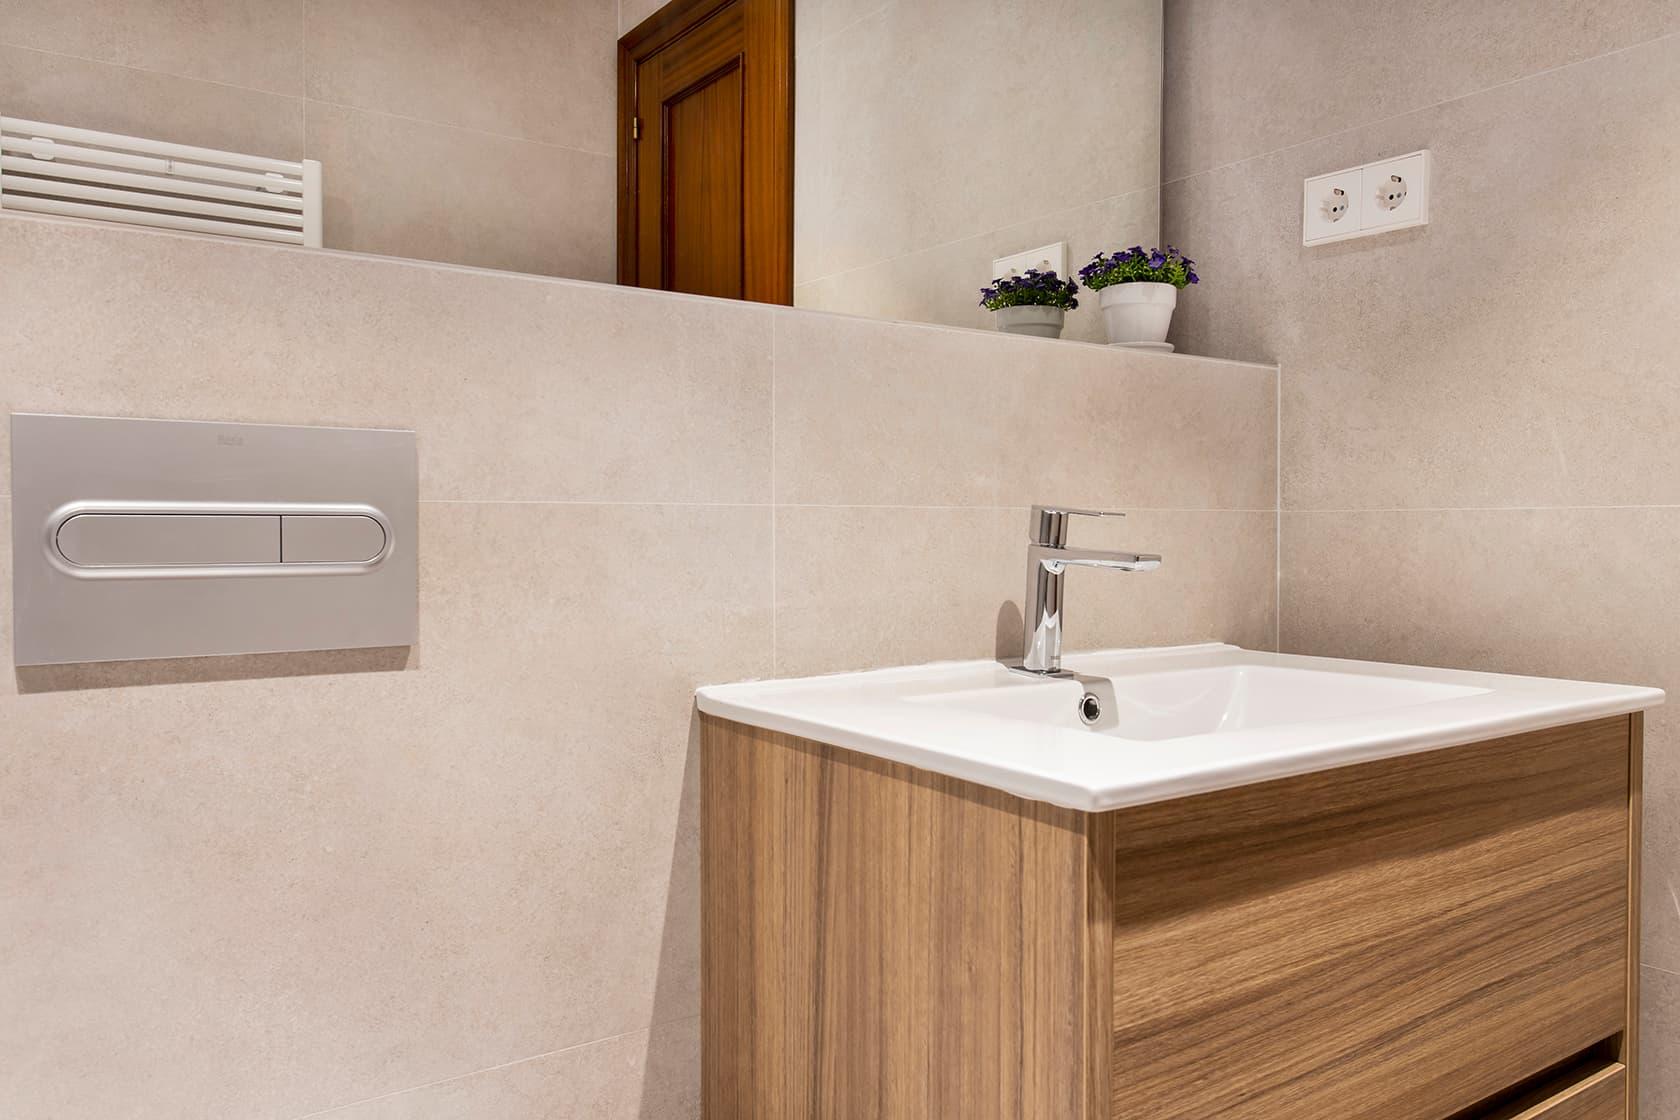 Mueble y espejo del baño